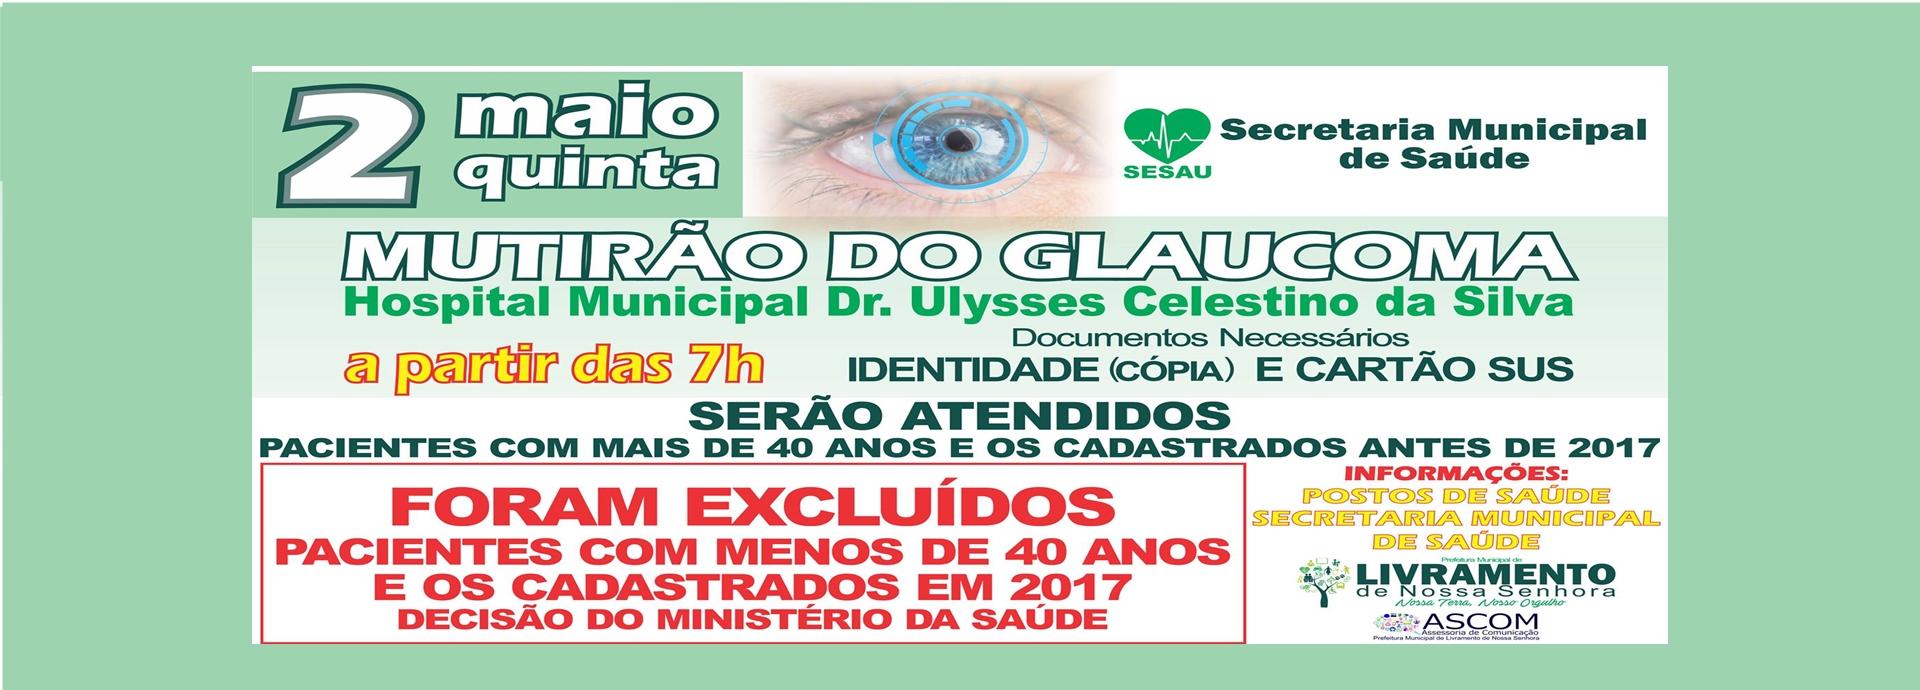 Mutirão do Glaucoma  dia 2 de Maio